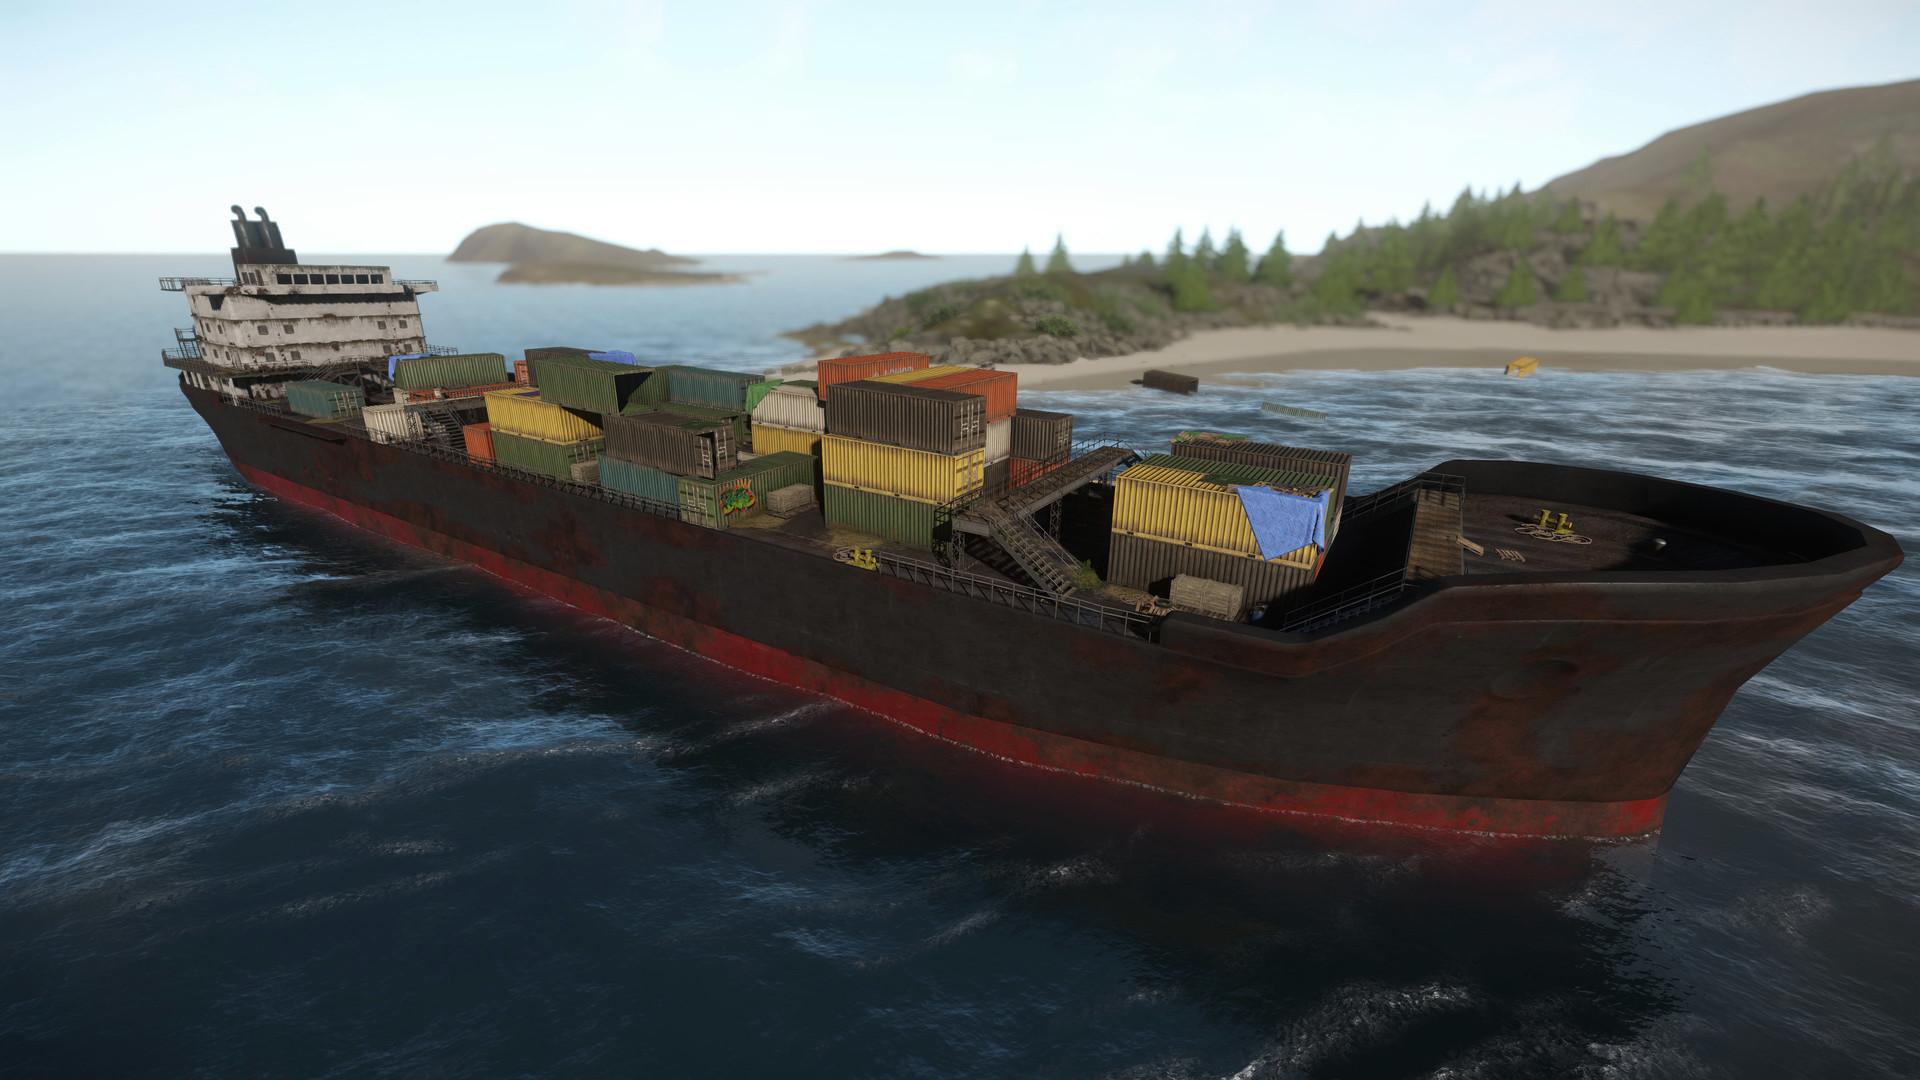 Carl kent oil tanker 10